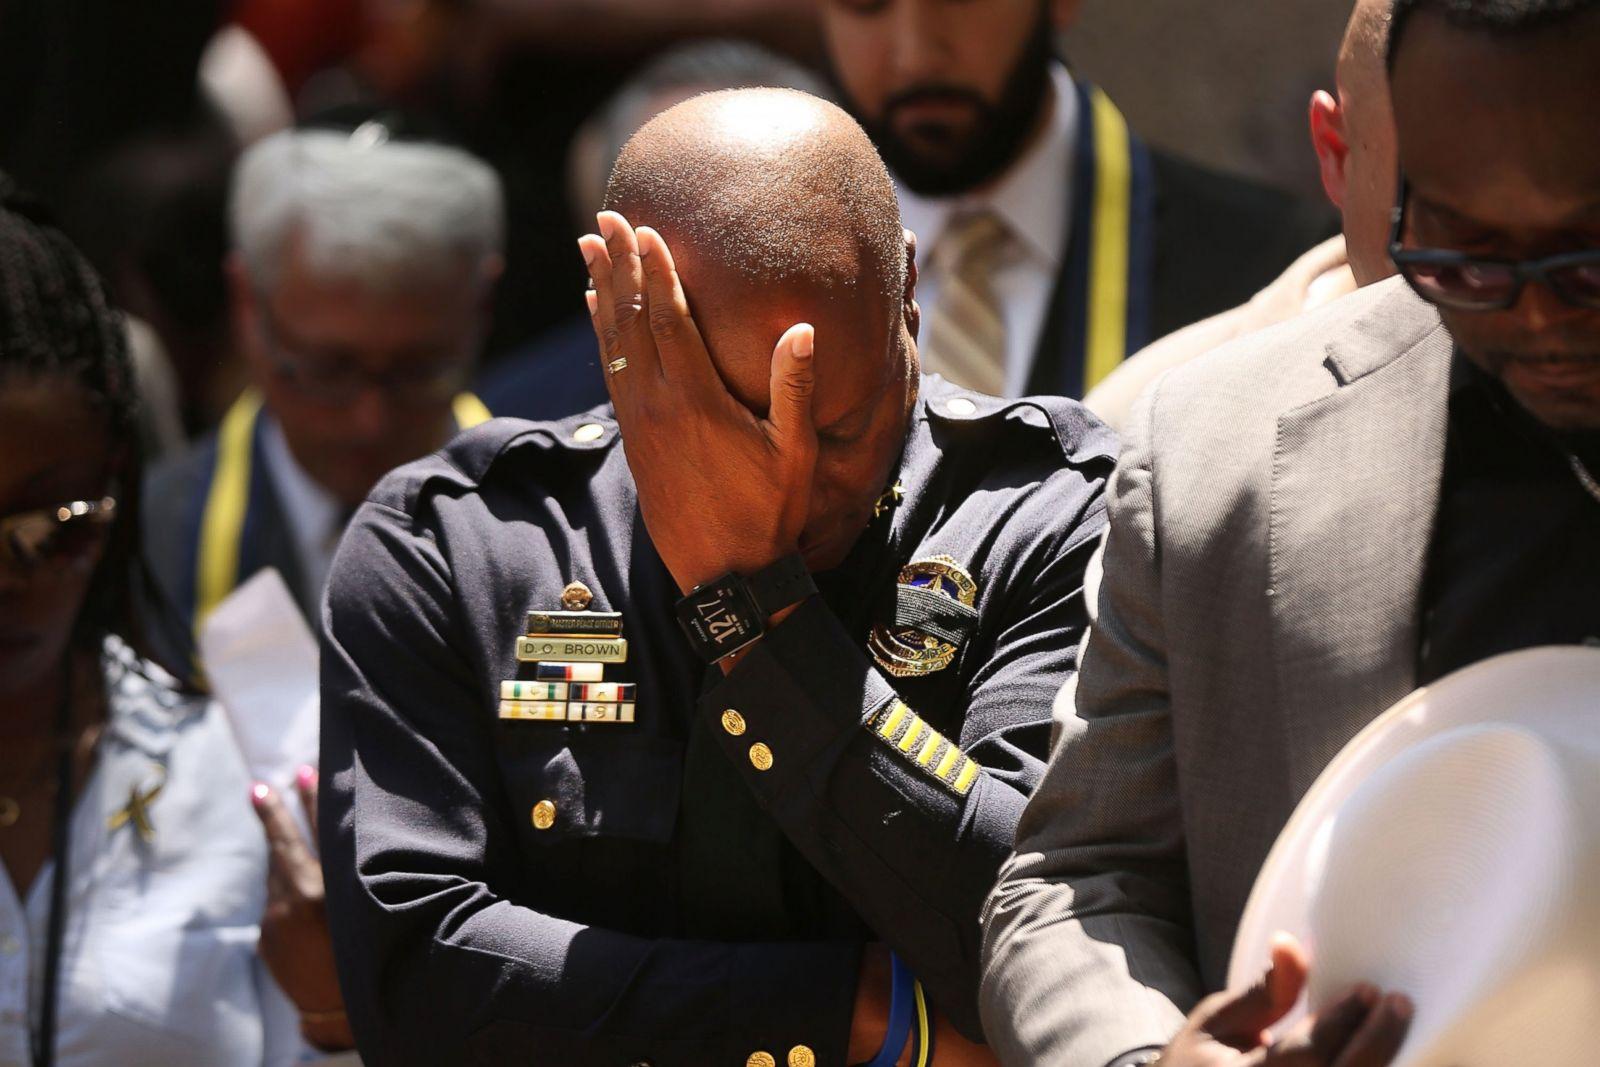 El jefe de policía de Dallas, David Brown, hace una pausa en una vigilia de oración después de la muerte de cinco policías durante una marcha de Black Lives Matter, el 8 de julio de 2016, en Dallas, Texas. Fotografía: Spencer Platt/Getty Images